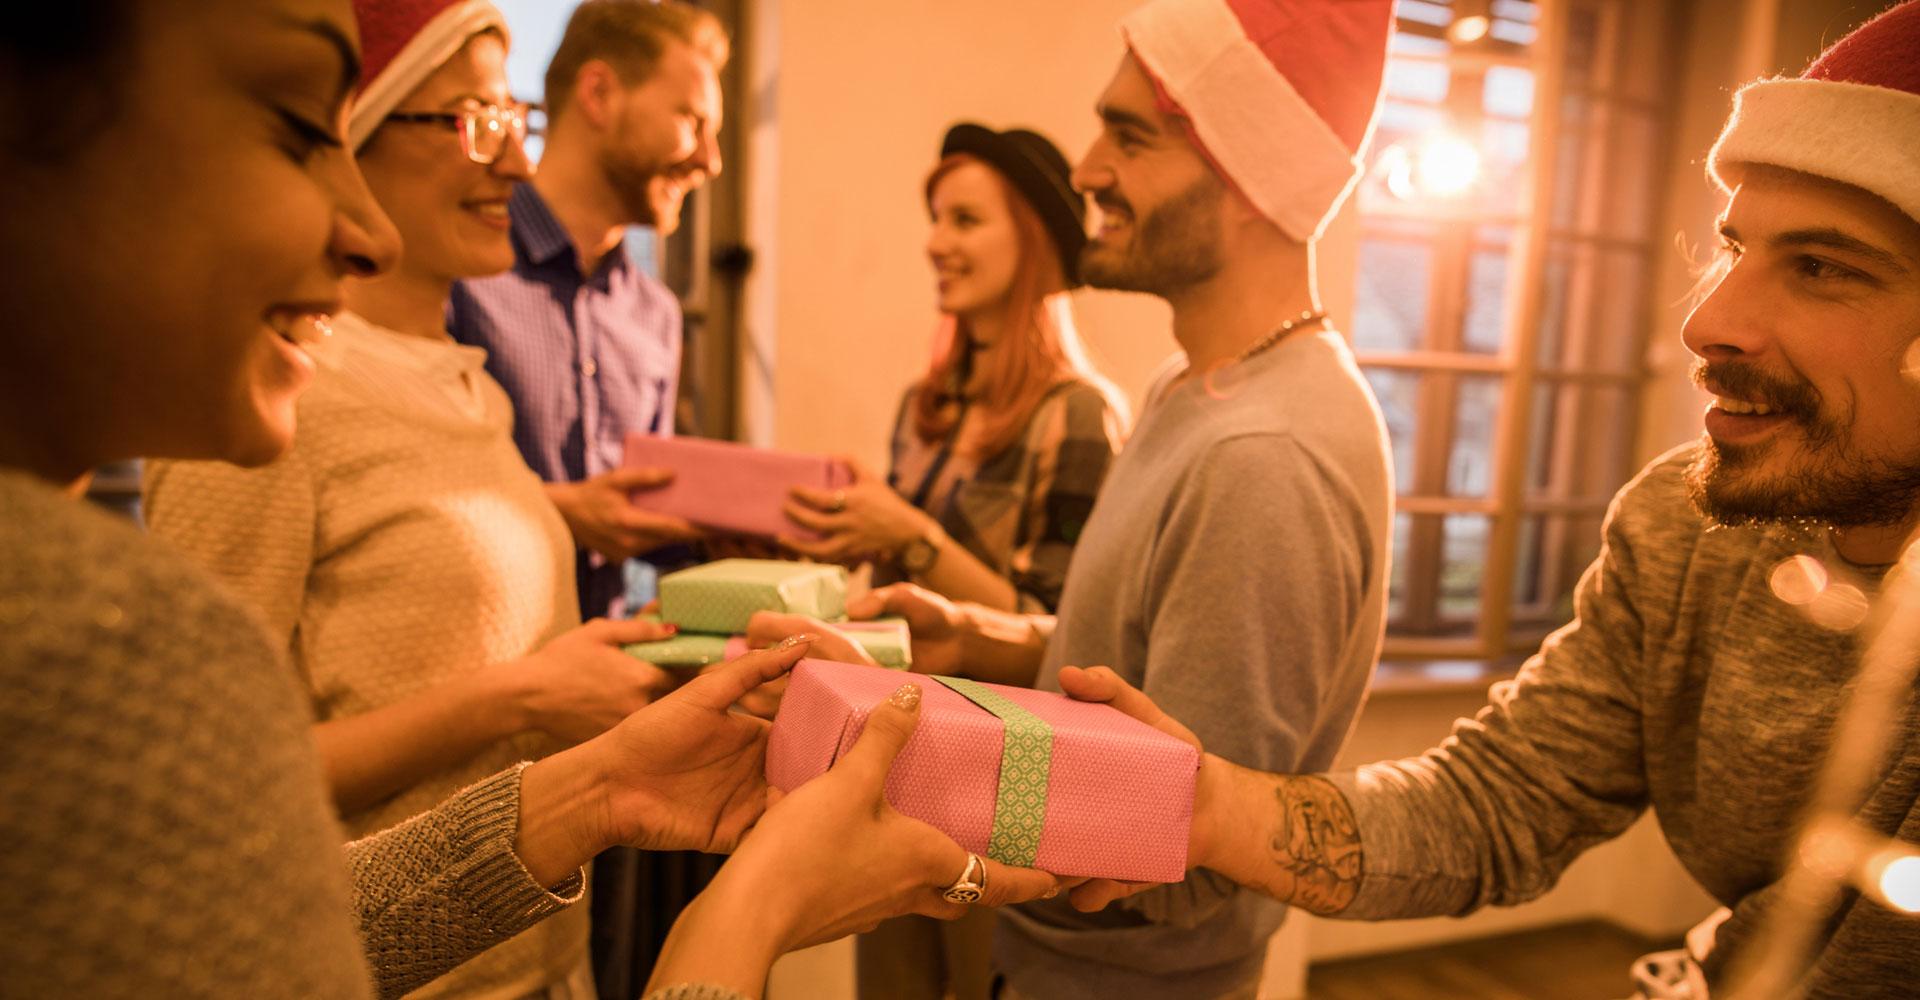 Freunde haben digitales Wichteln genutzt und überreichen sich jetzt die Geschenke